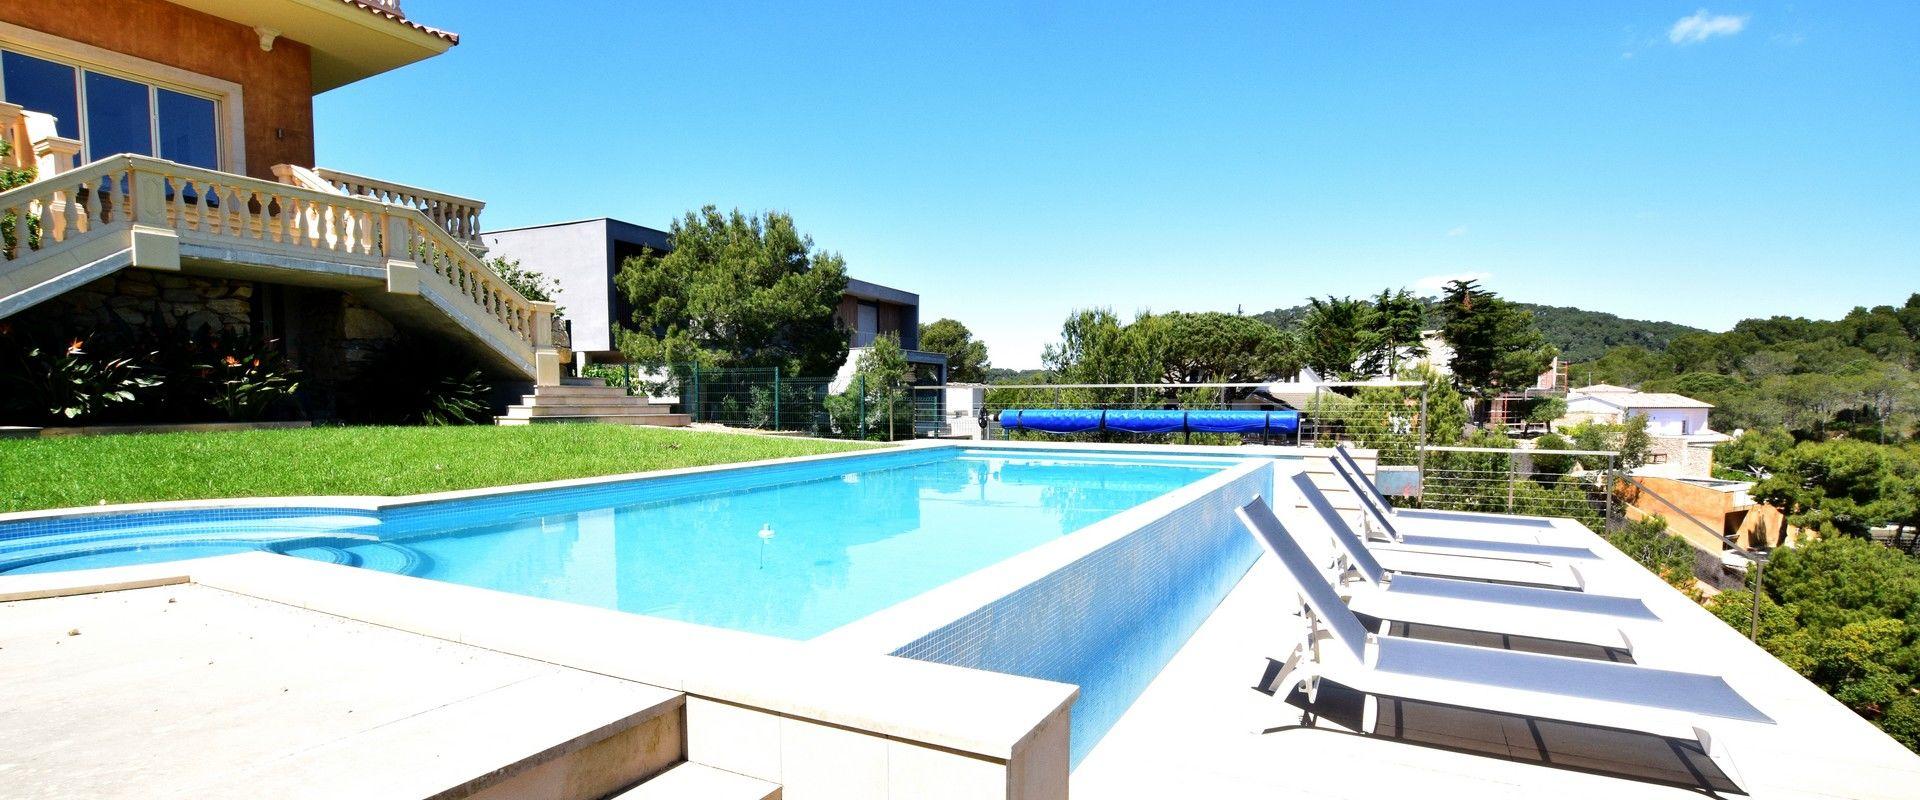 Location villa luxe avec piscine et vue mer aiguablava begur - Location costa brava avec piscine ...